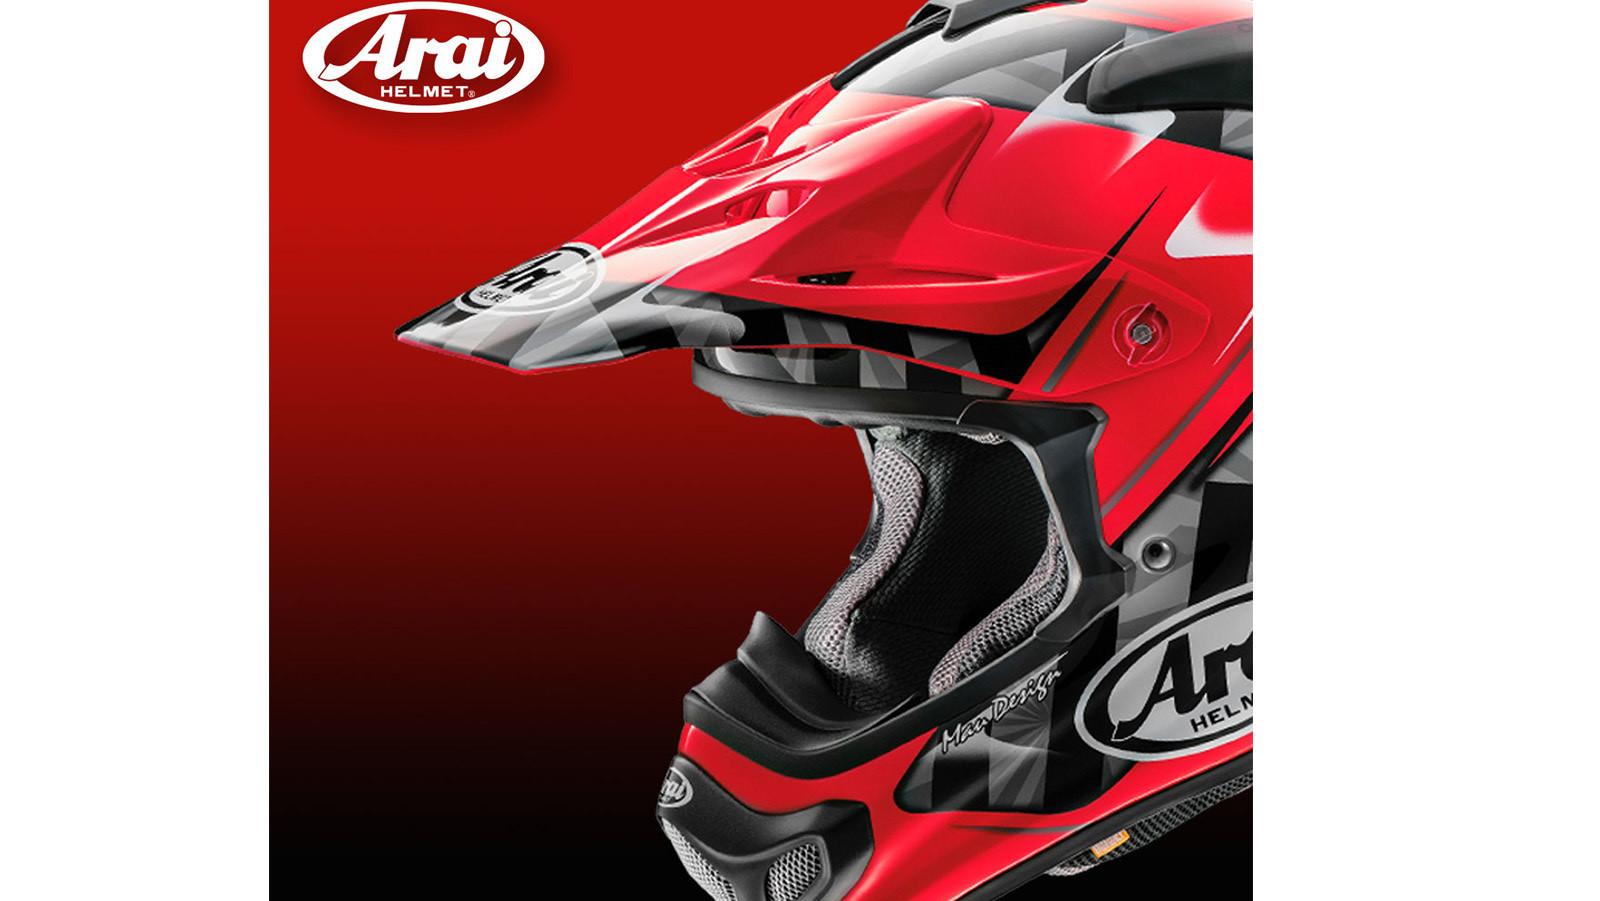 Arai Releases New Scoop Graphic VX-PRO4 Helmet